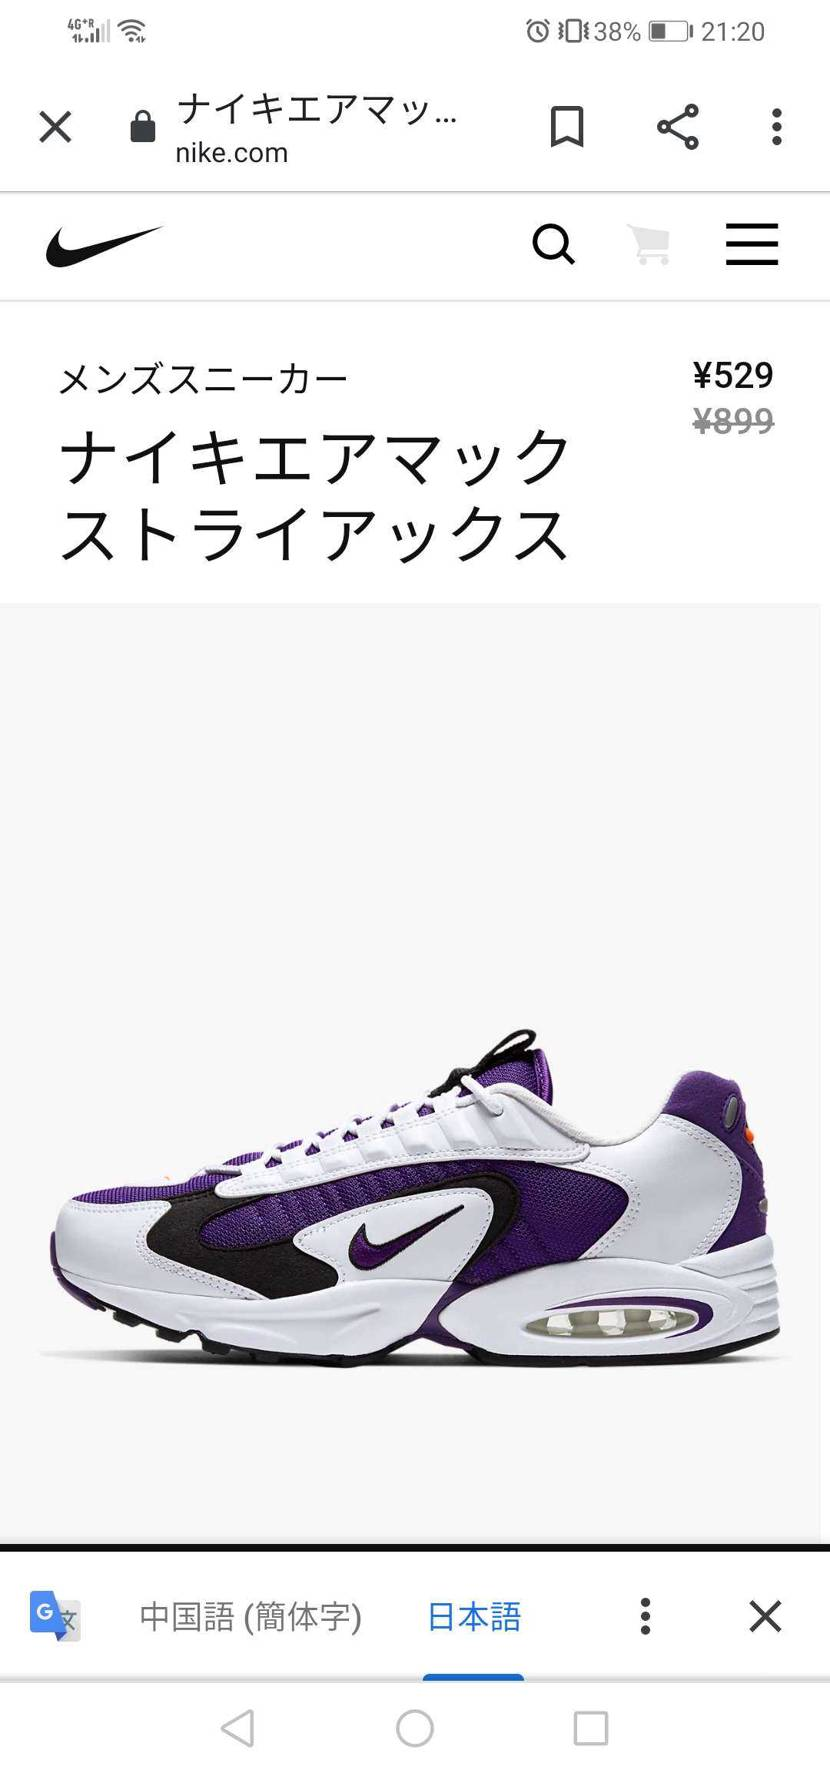 中国のナイキオンラインでトライアックス紫が日本円で8000円前後になってる。買い